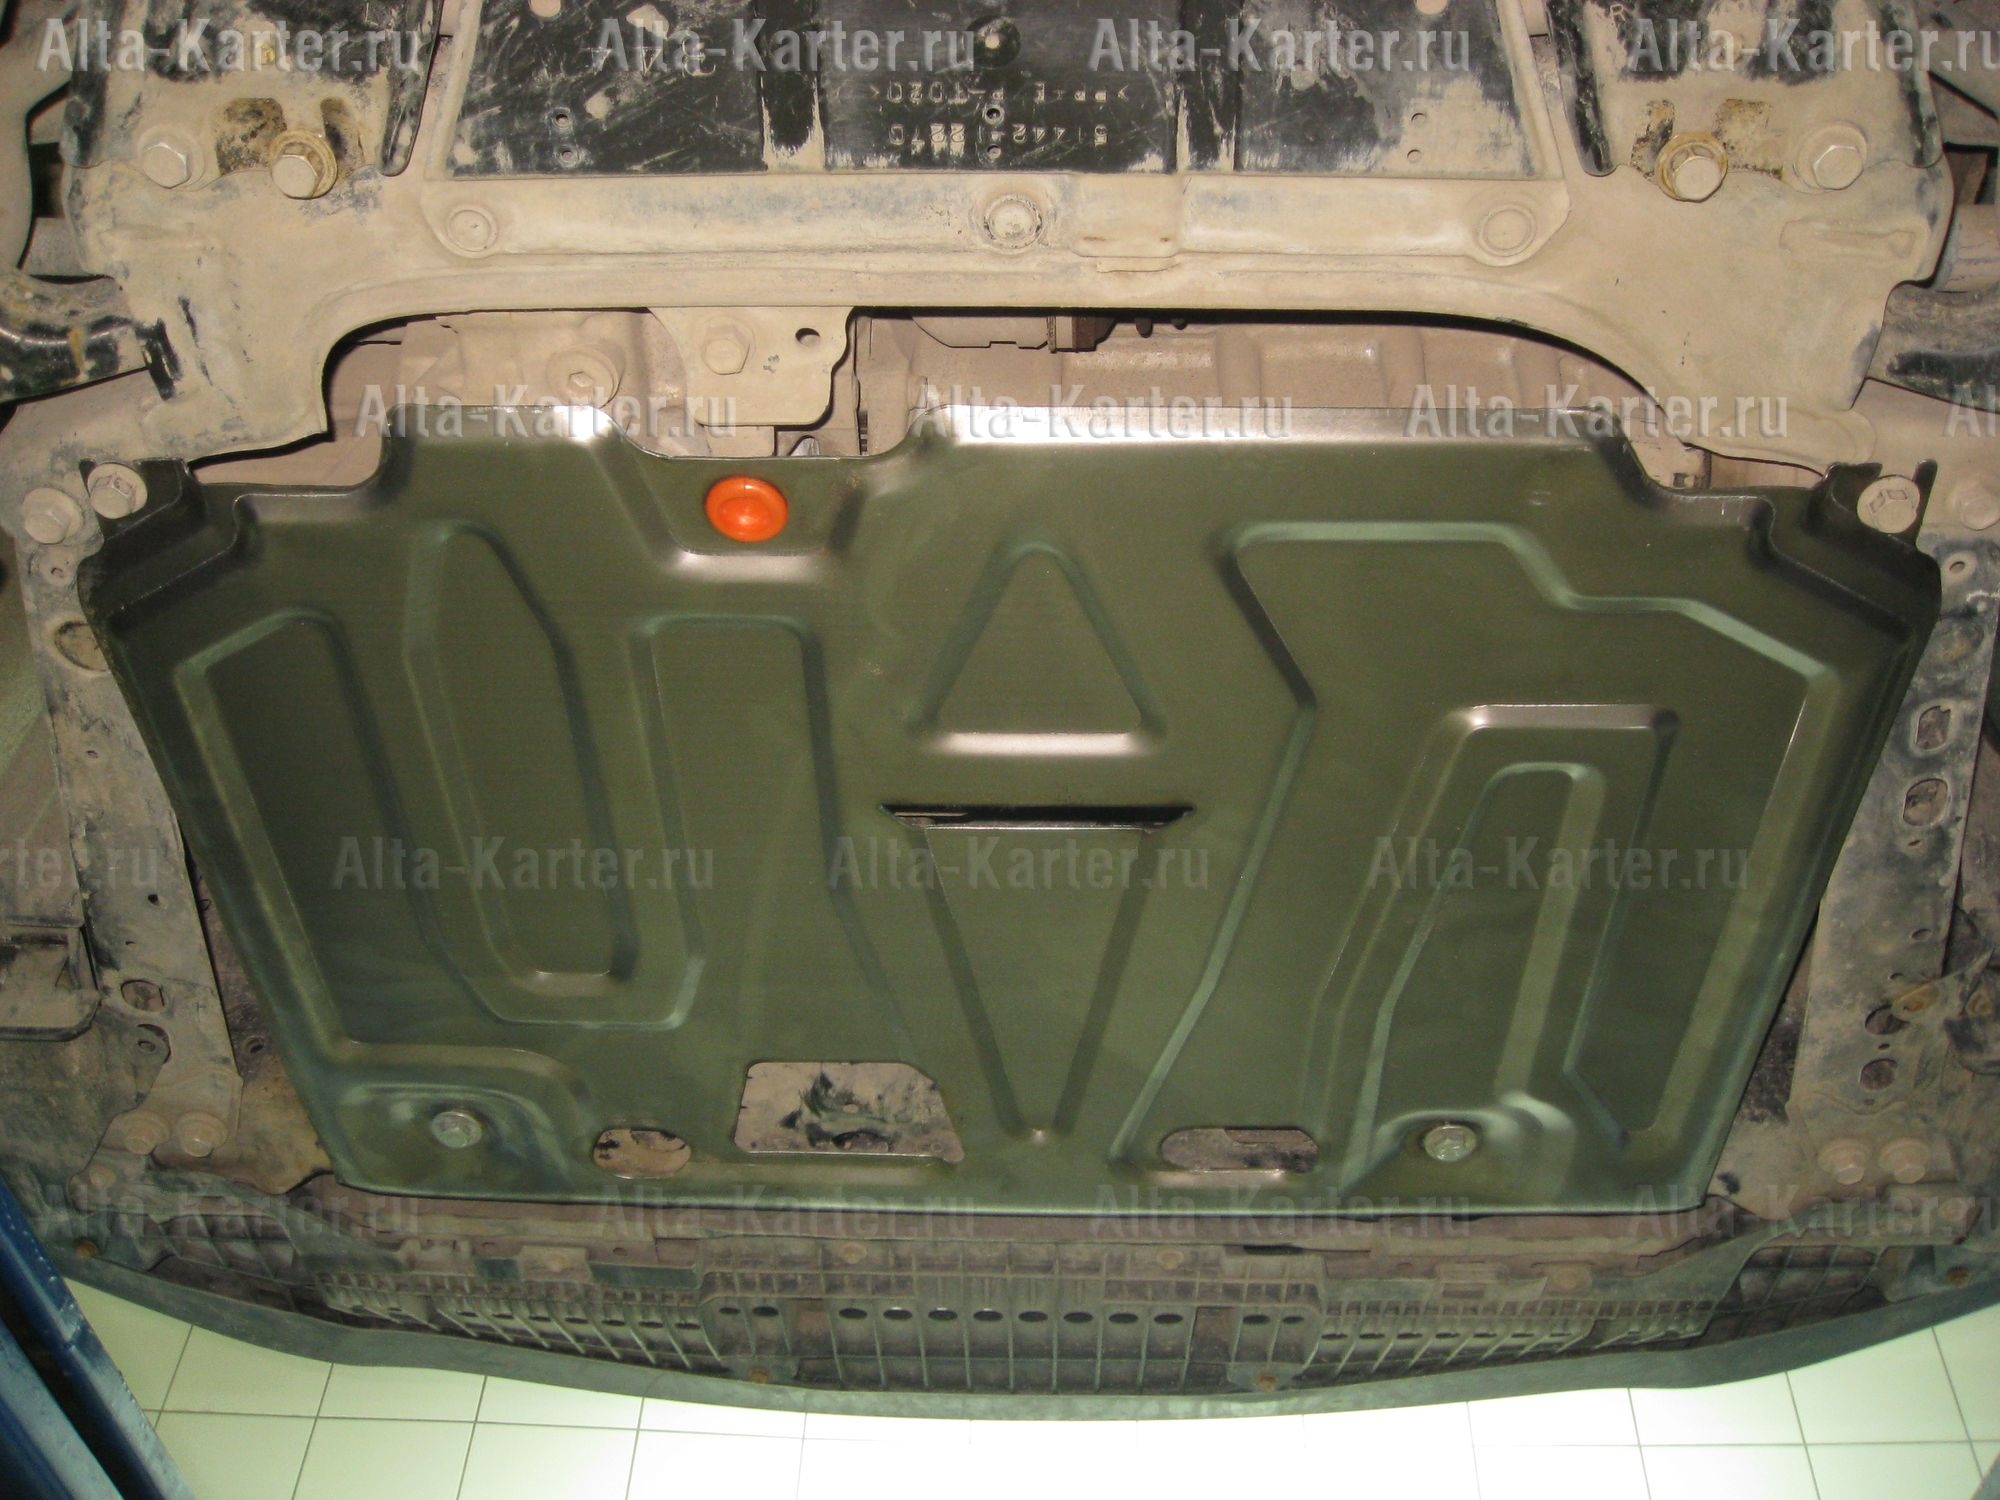 Защита Alfeco для картера и КПП Toyota Auris II E180 2012-2018. Артикул ALF.24.750st